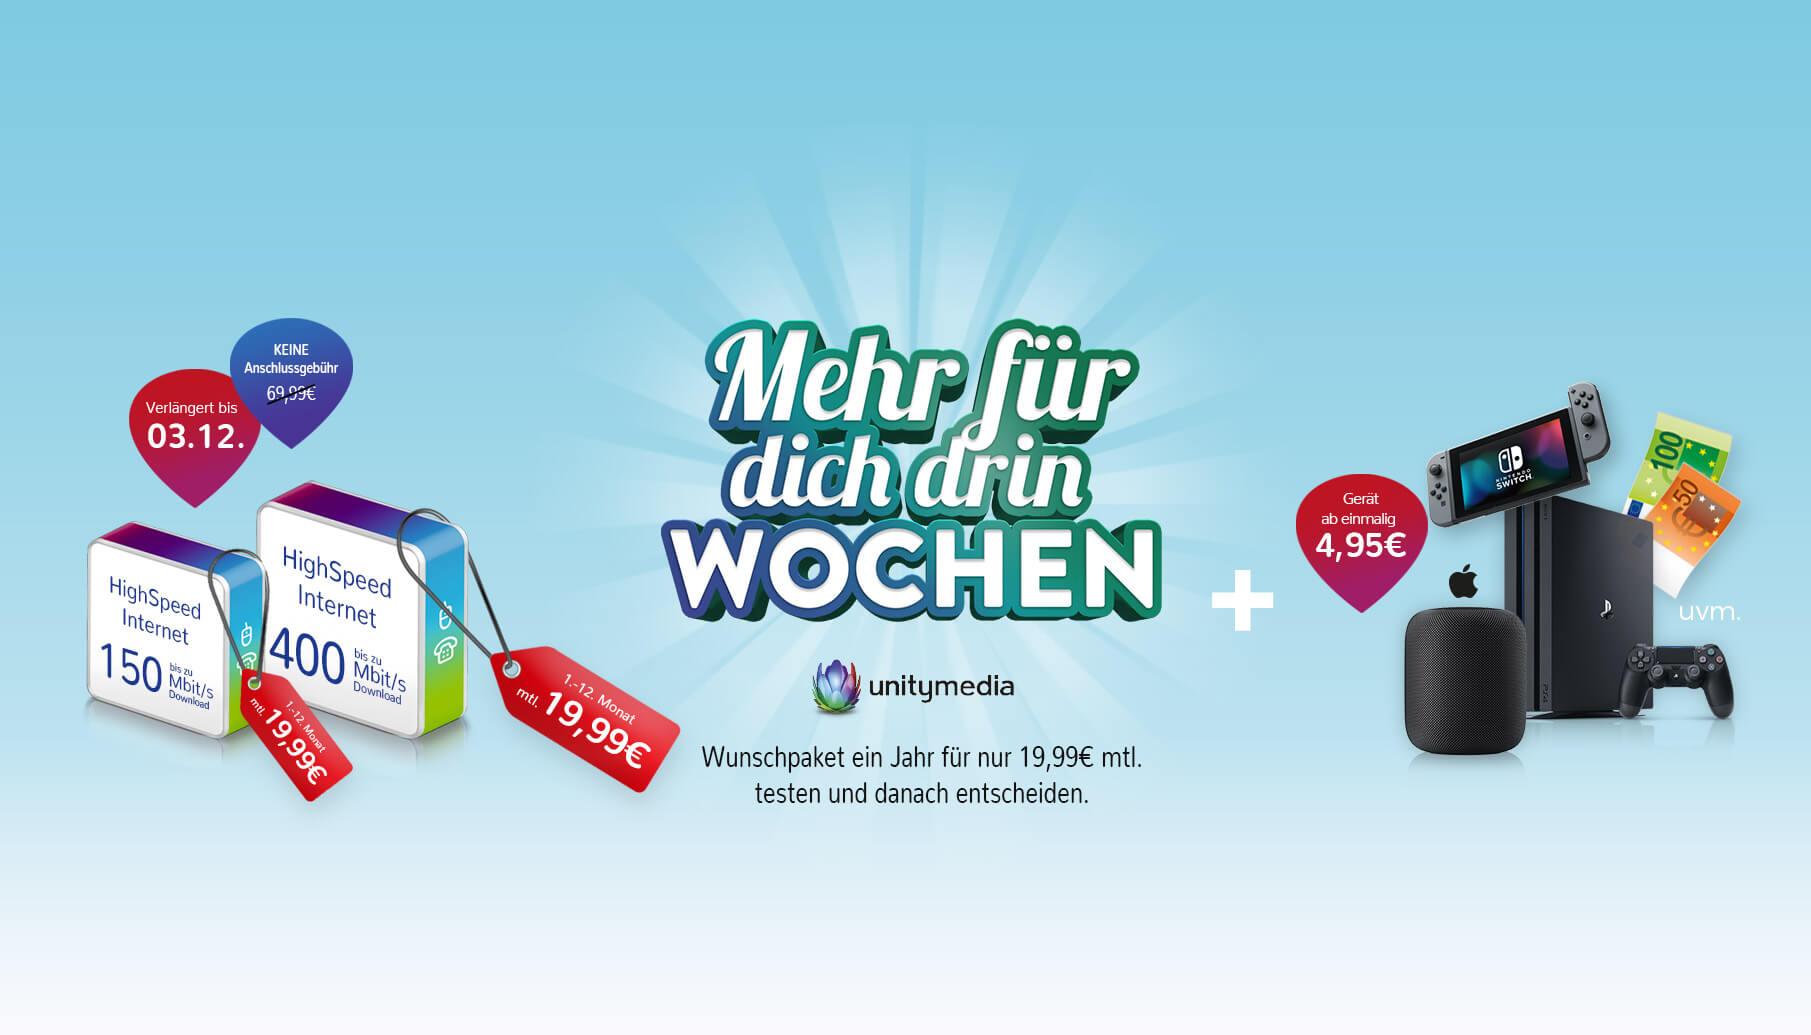 Unitymedia 2play Fly 400 für eff. 25,82€ od. 3play JUMP 150 für eff. 30,82€ od. 3play FLY 400 für eff. 35,82€ durch 220€ Auszahlung  *UPDATE* jetzt alternativ mit SONOS Beam